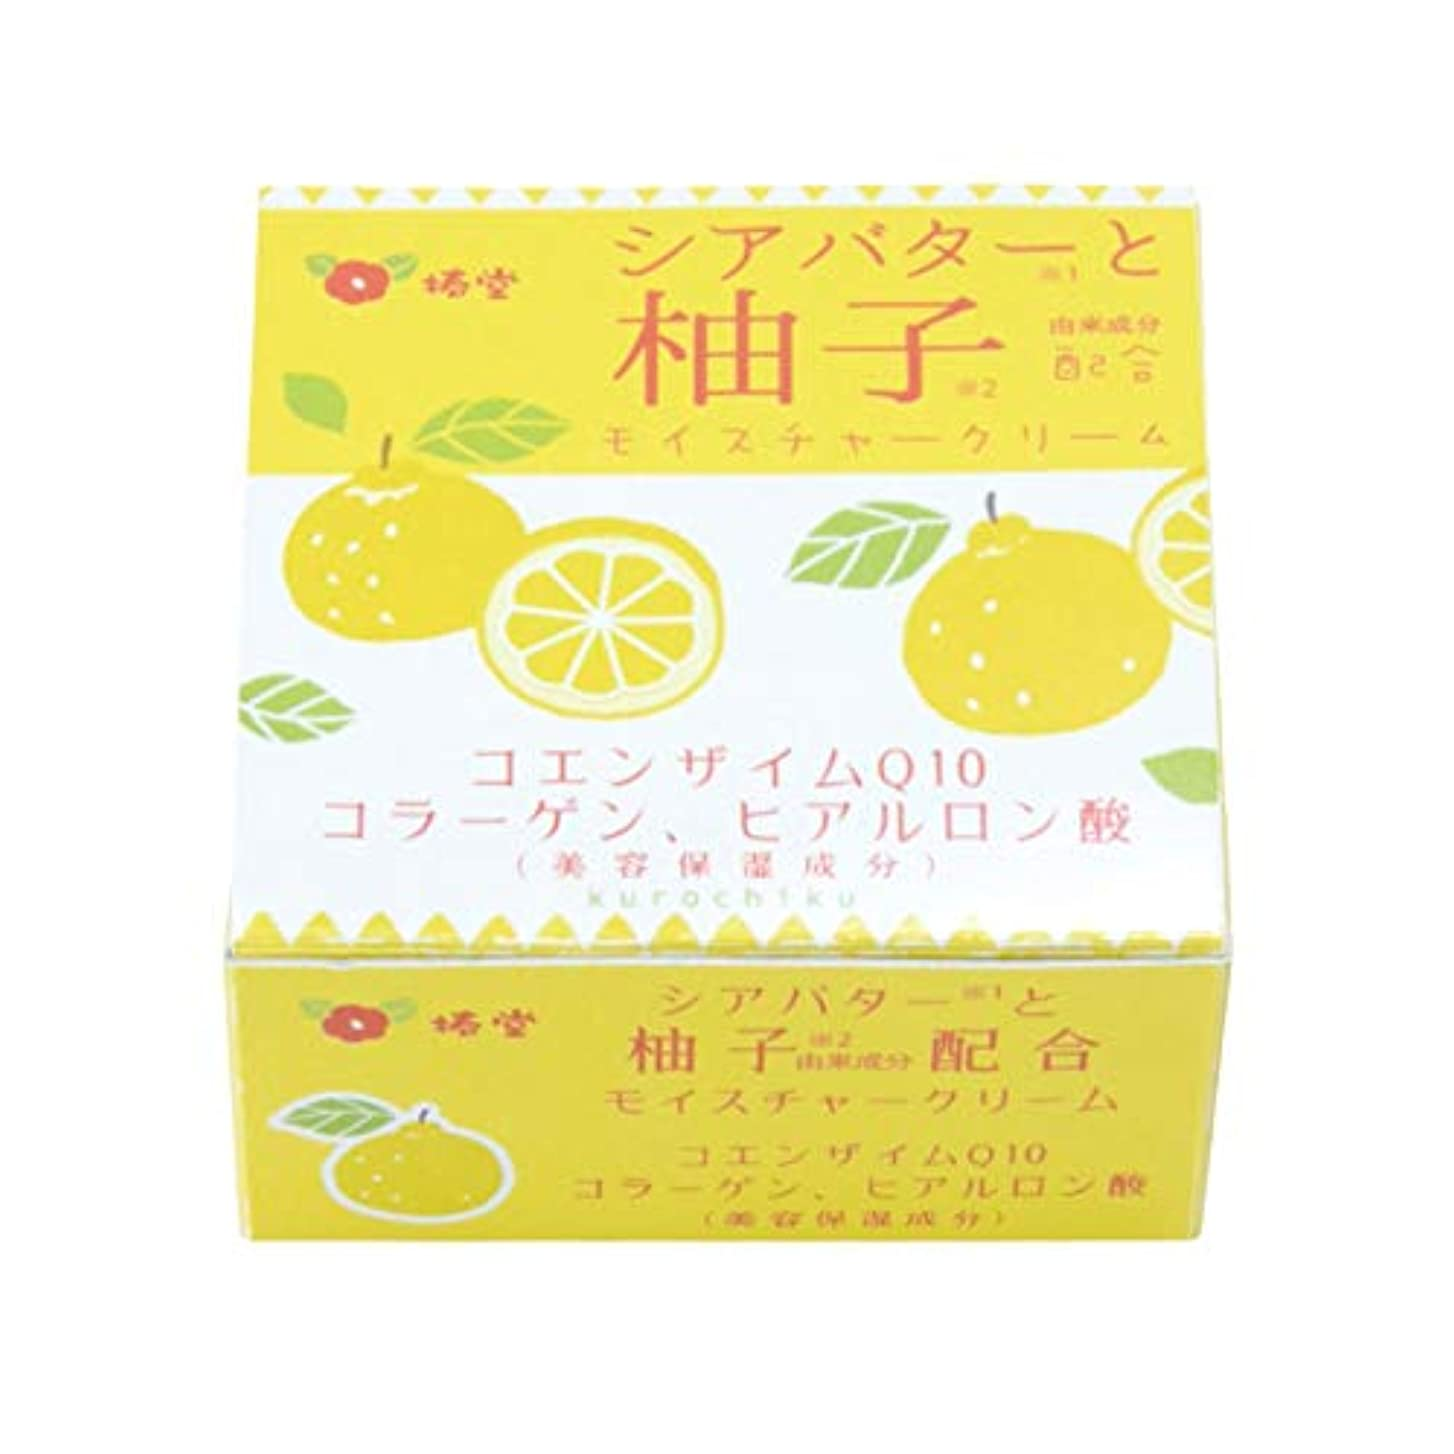 死んでいる到着火山学者椿堂 柚子モイスチャークリーム (シアバターと柚子) 京都くろちく